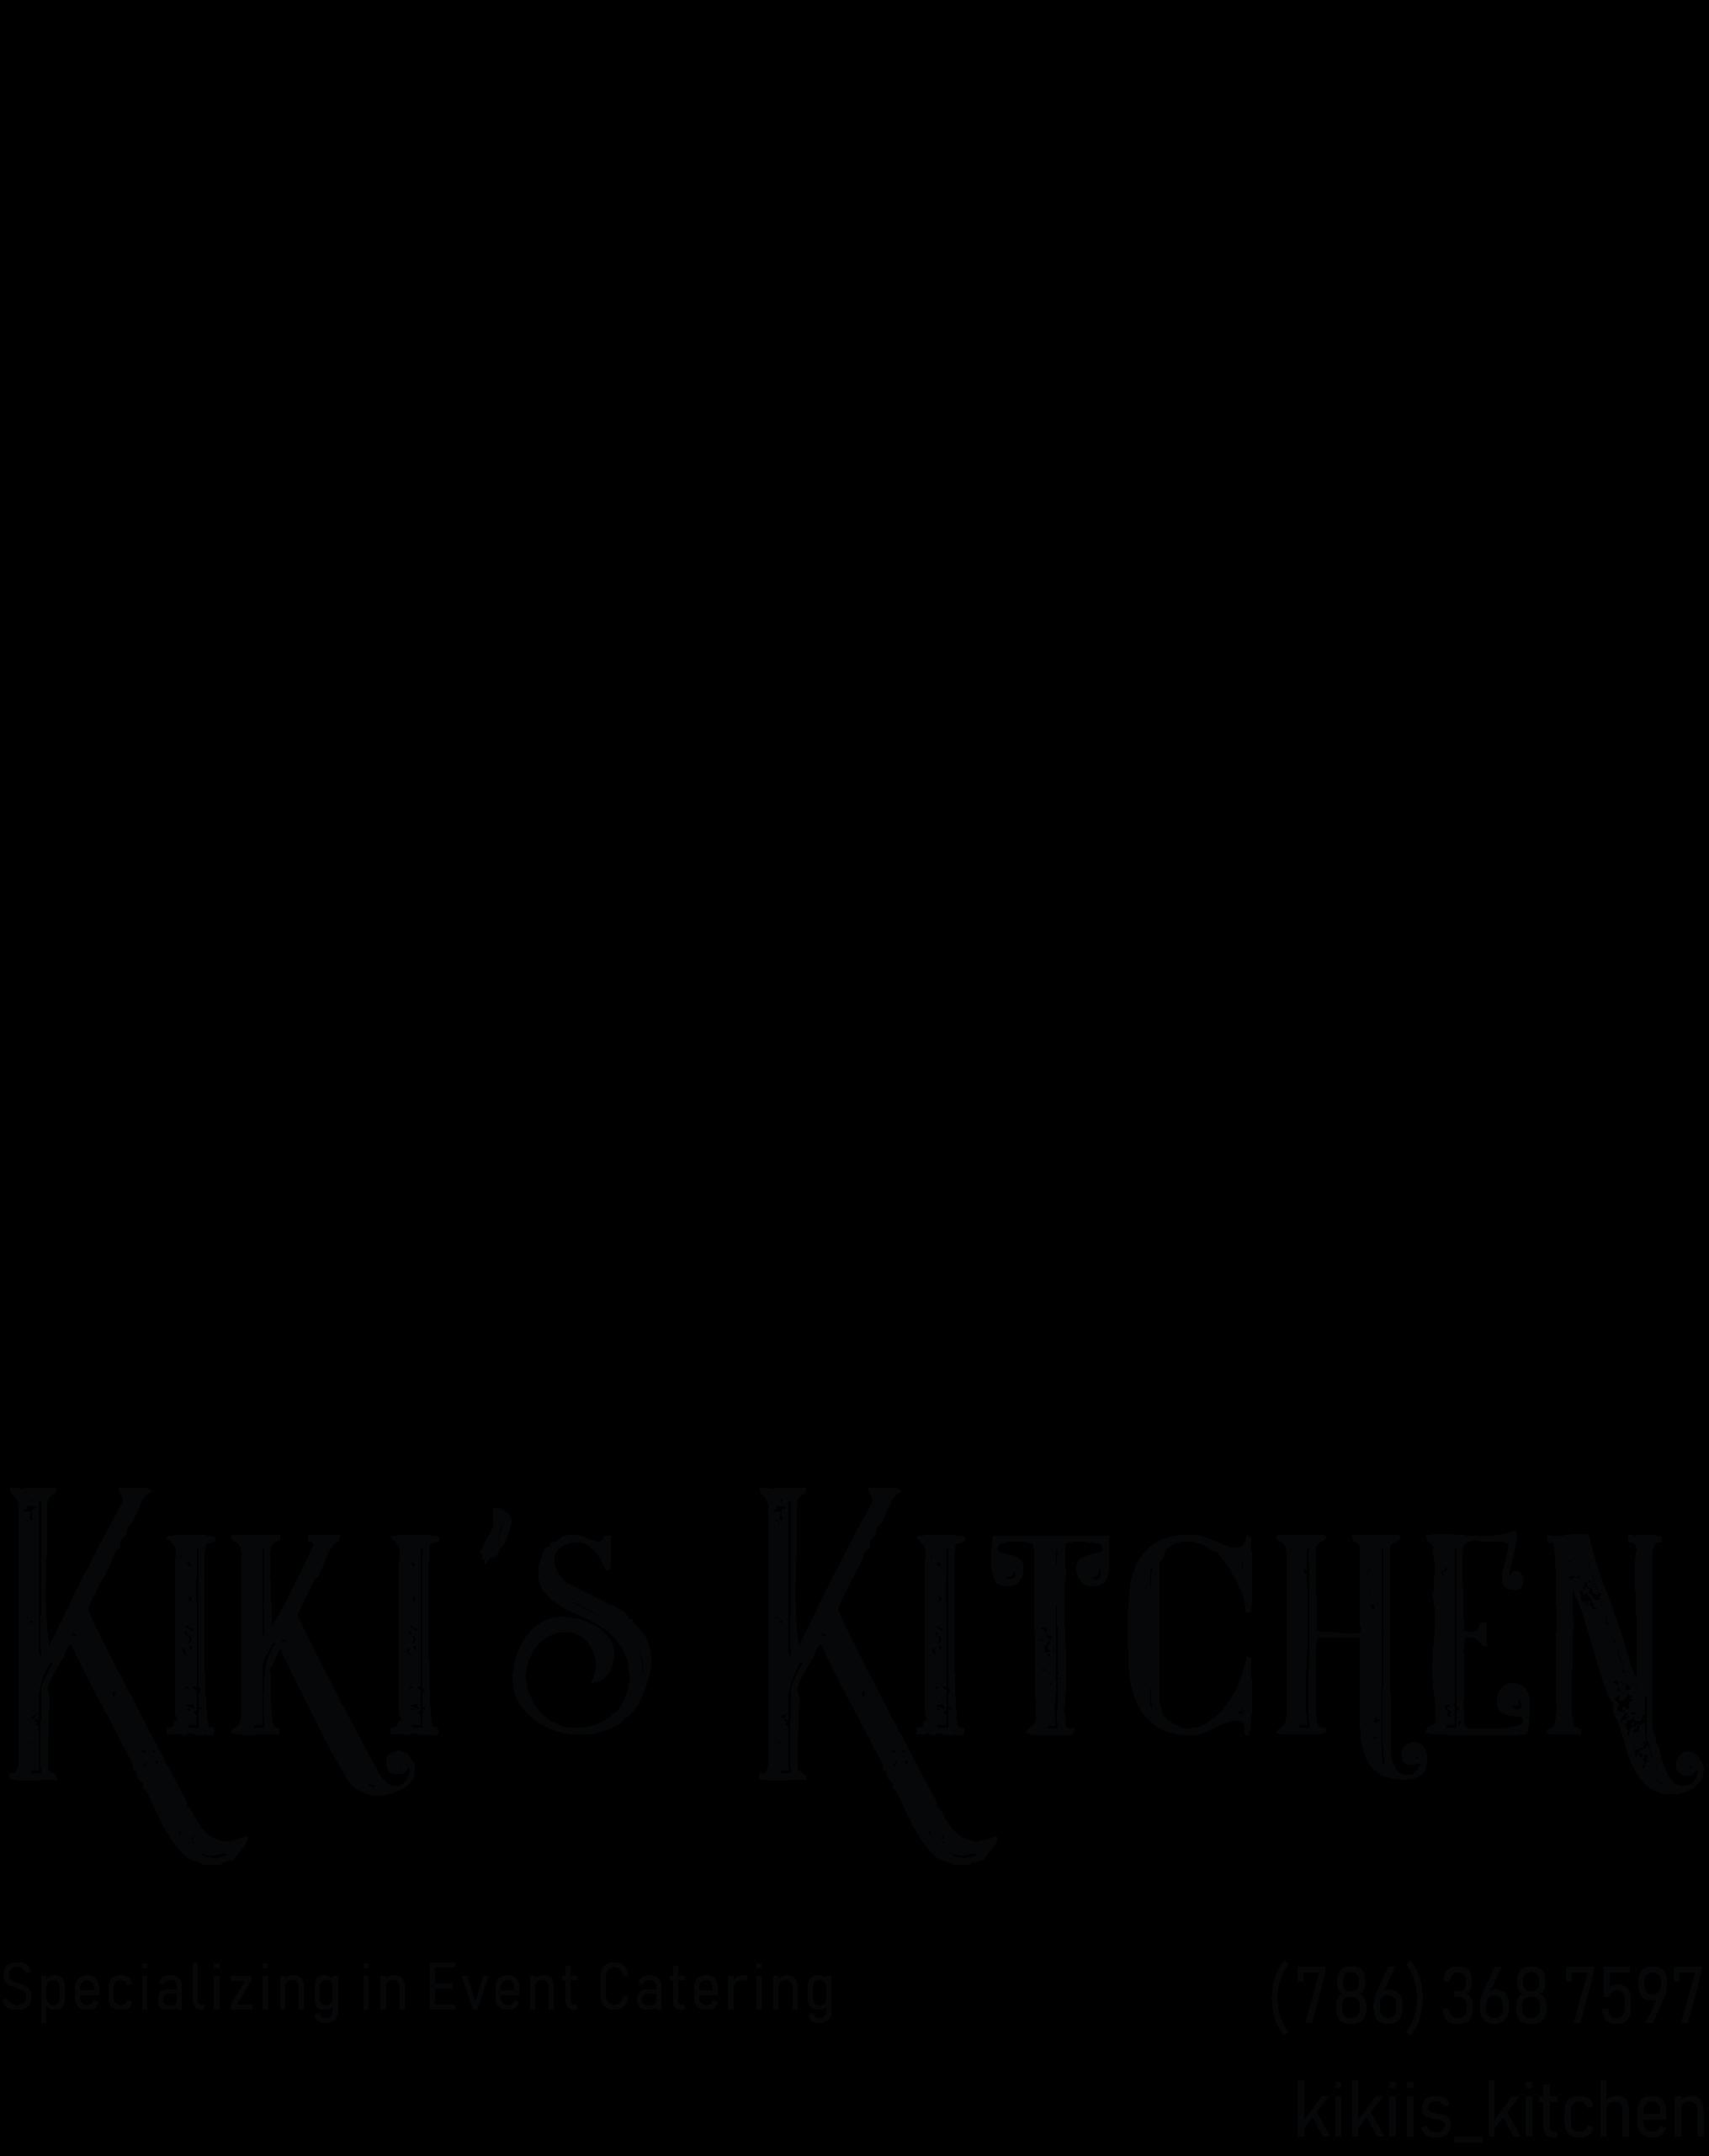 Kiki Logo 1 FINAL_BLACK.png